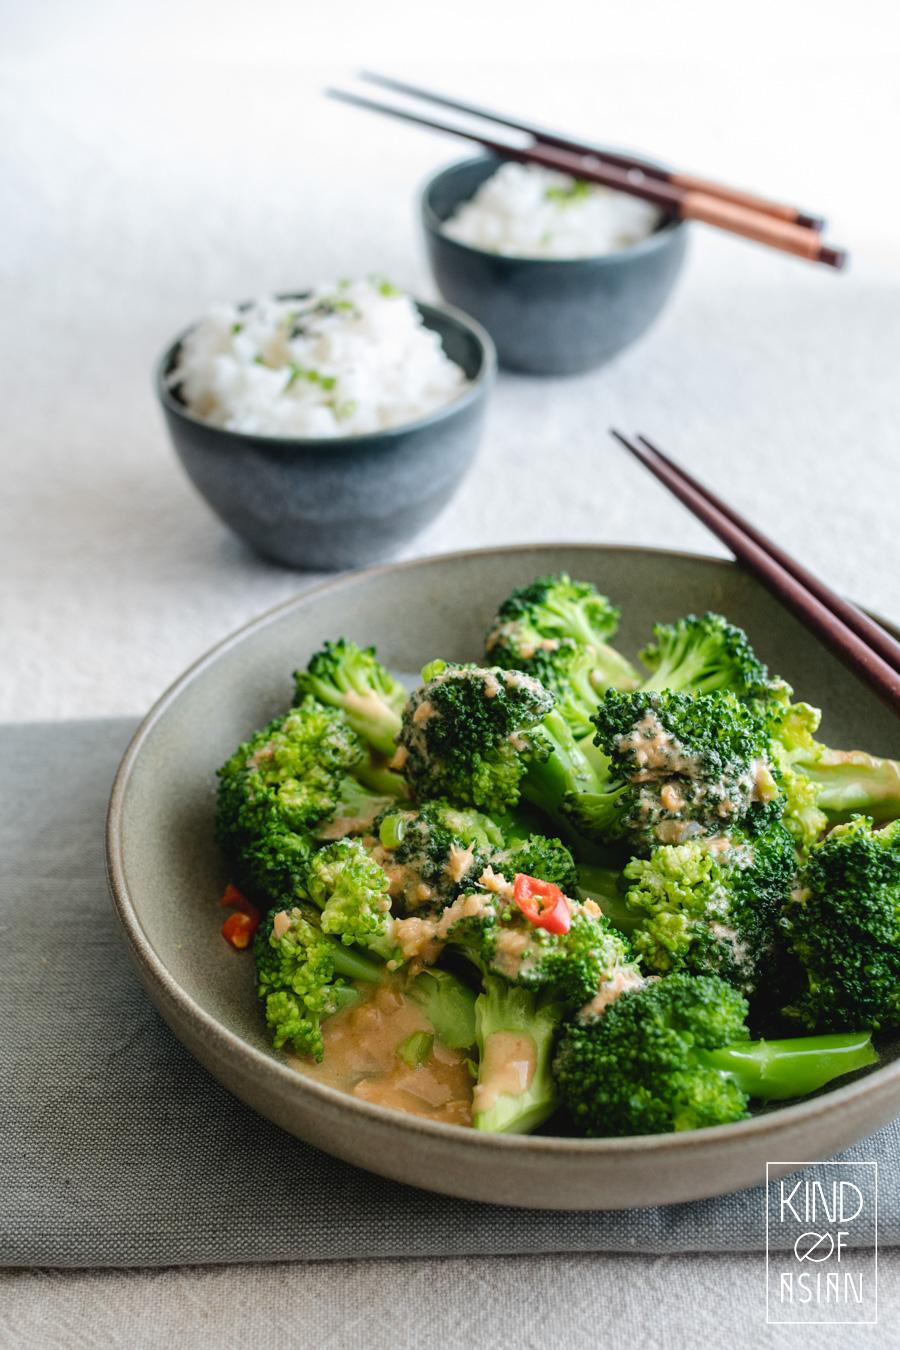 Gefermenteerde tofu lijkt op zachte kaas met een scherpe smaak. Maak hiermee een snelle en umami-rijke Chinese saus voor groenten zonder de calorieën van gewone kaas! Pep hiermee al je gestoomde groenten op. Of gebruik het als roerbaksaus.. #sausvoorgroente #roerbaksaus #broccoli #vegansaus #chinesesaus #groentenrecepten